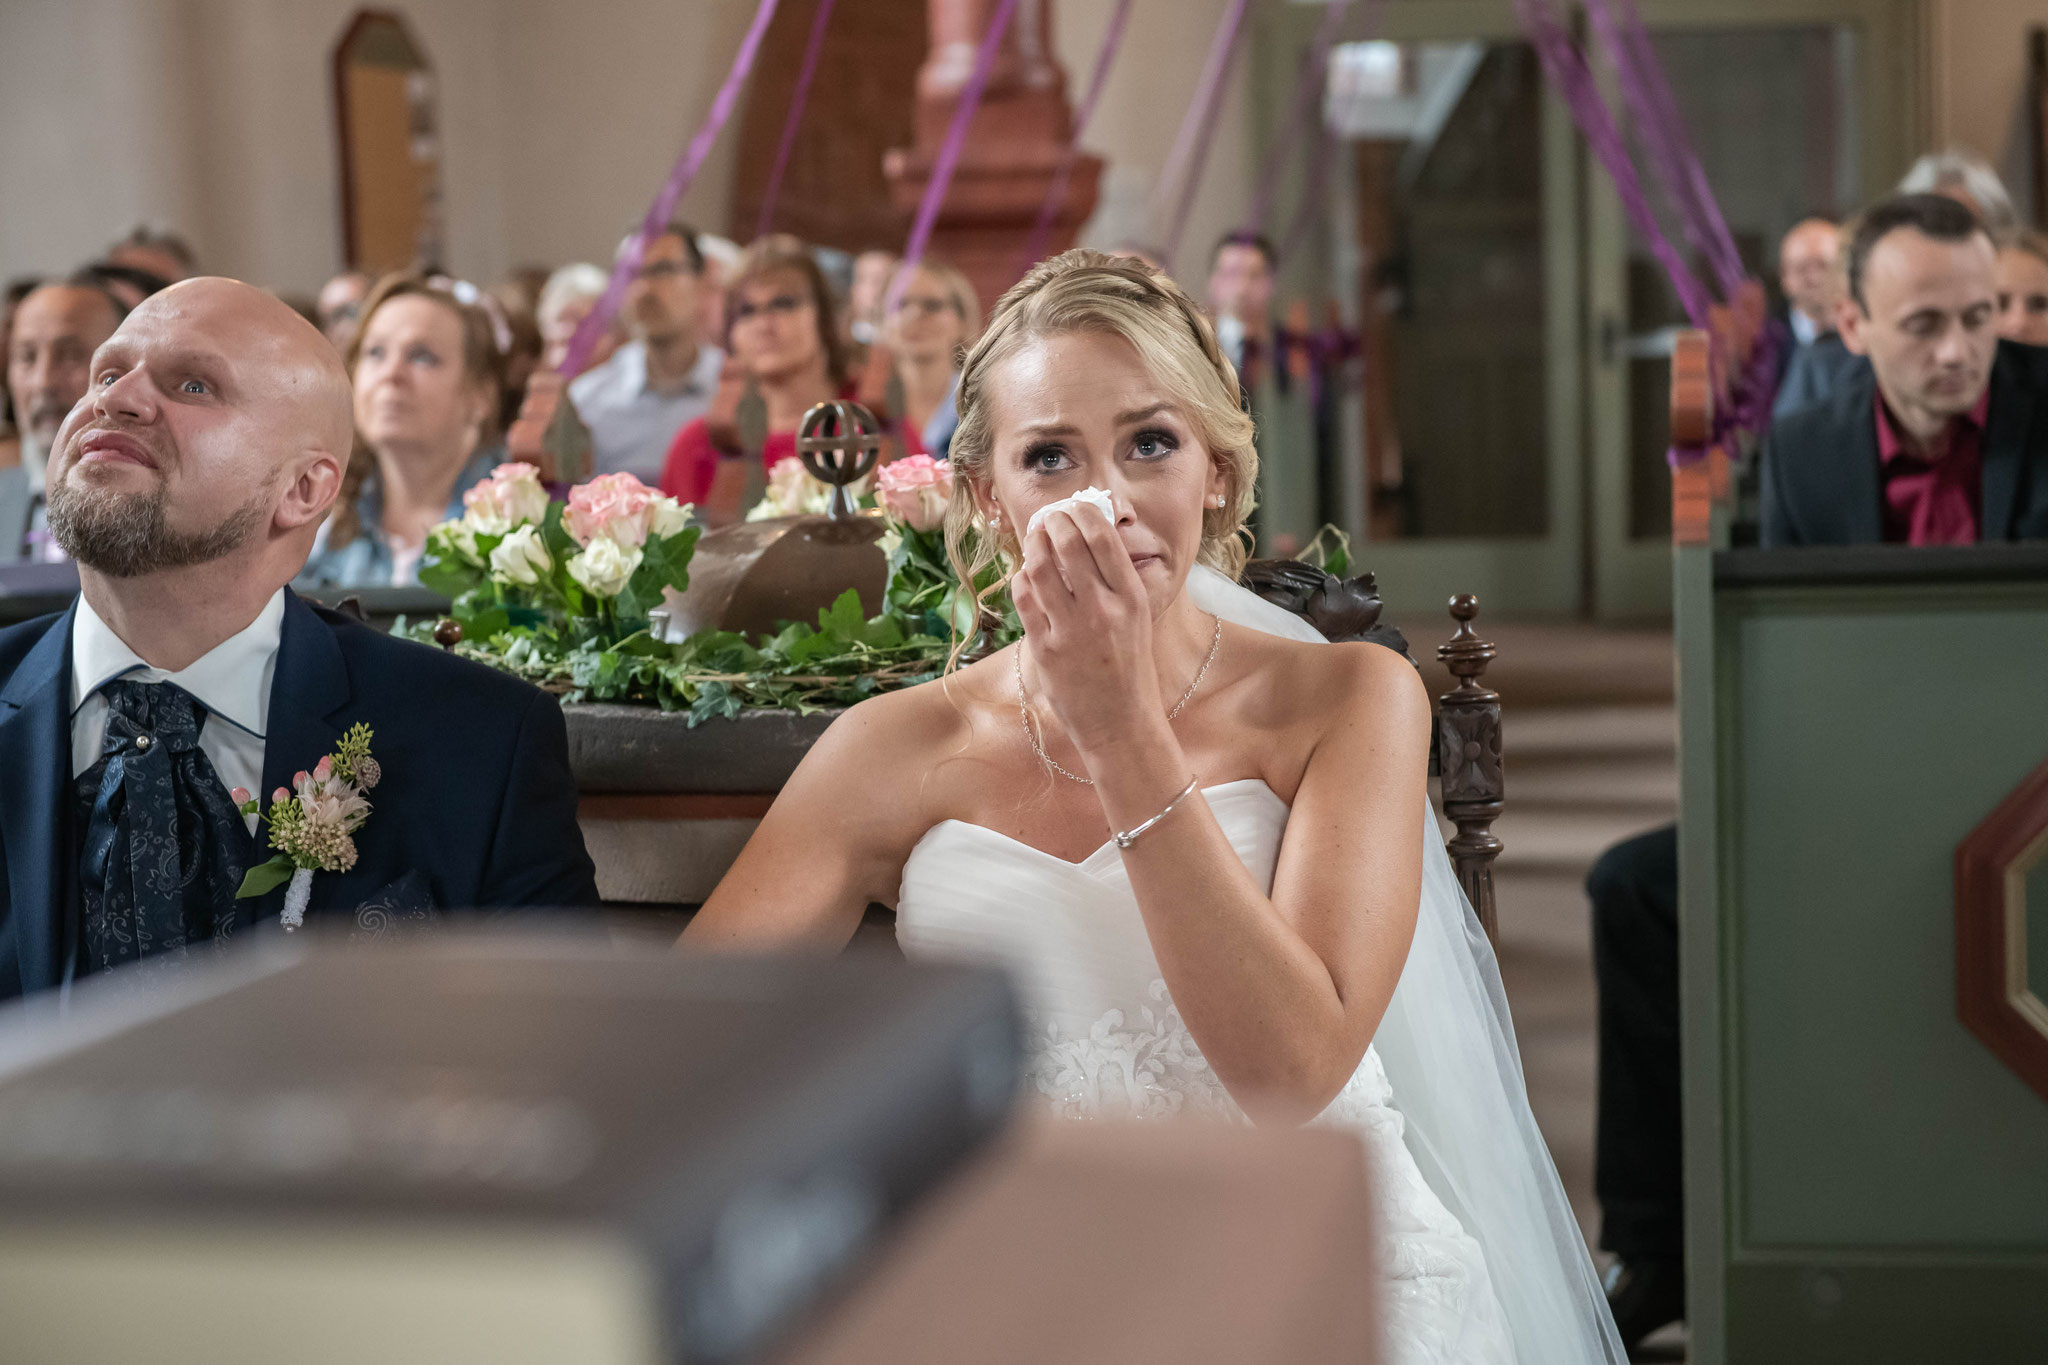 Die Braut kann die Emotionen nicht verbergen